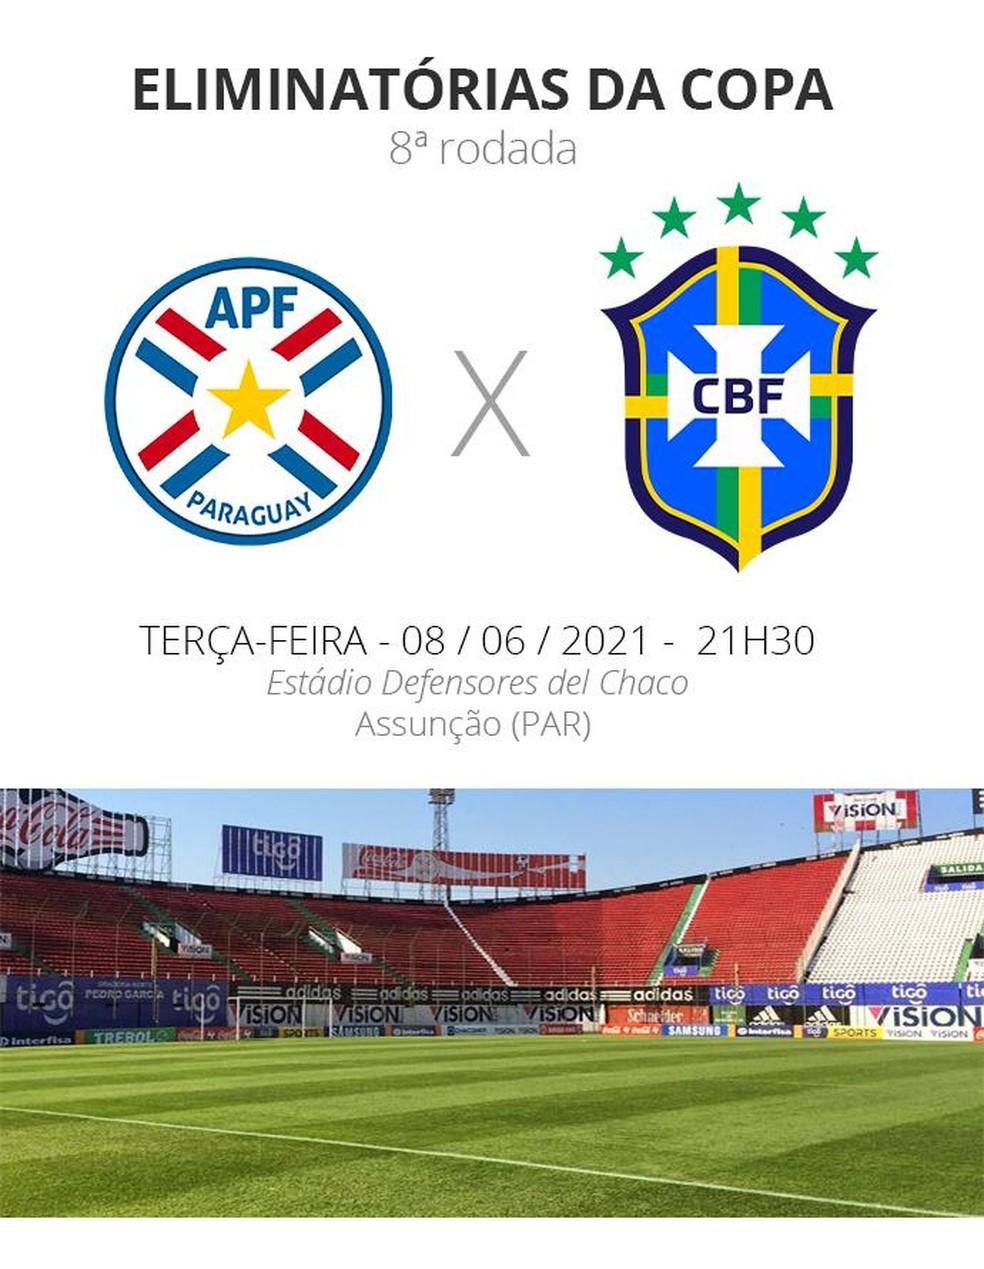 Interferência externa, presidente afastado, possibilidade de manifestação. A Seleção Brasileira encara o Paraguai hoje